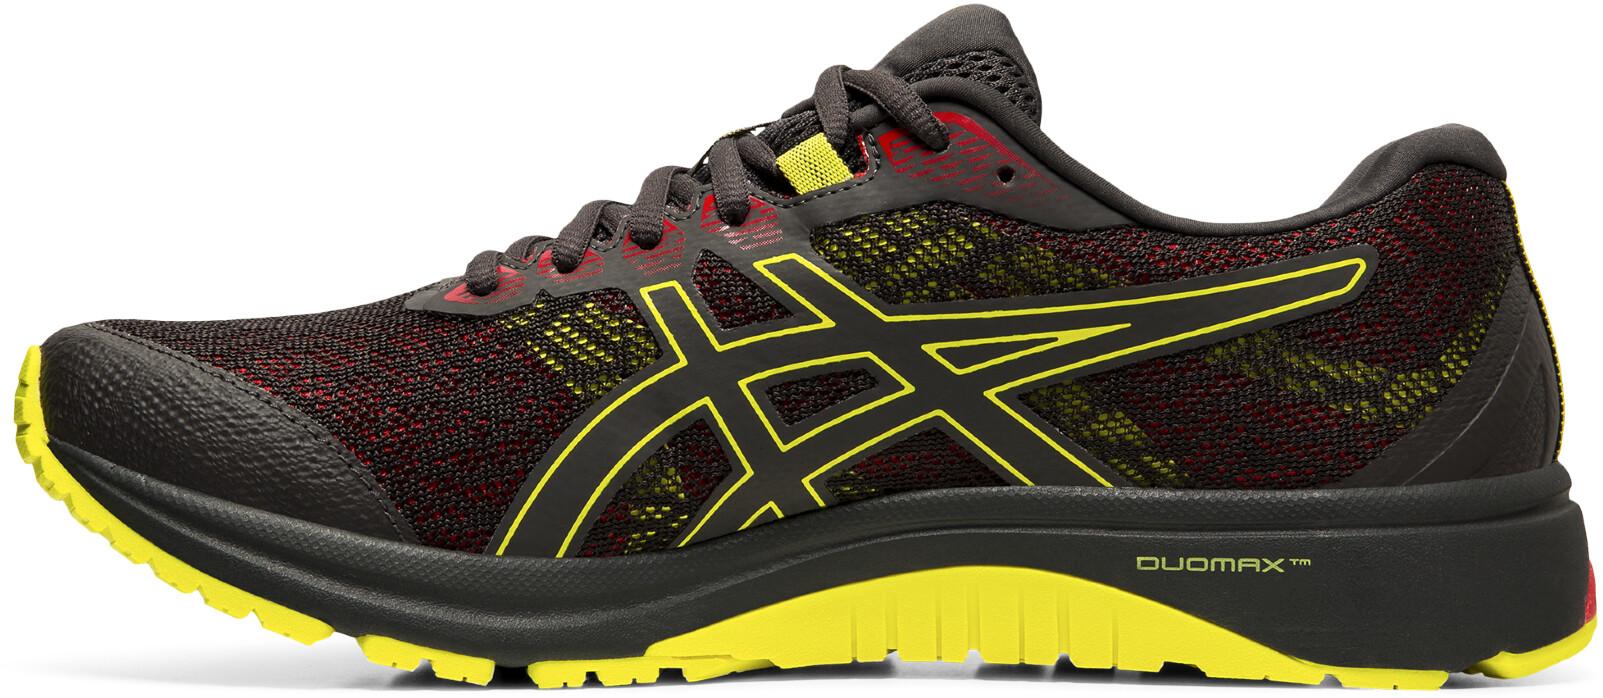 asics GT 1000 8 G TX Chaussures Homme, graphite greysour yuzu